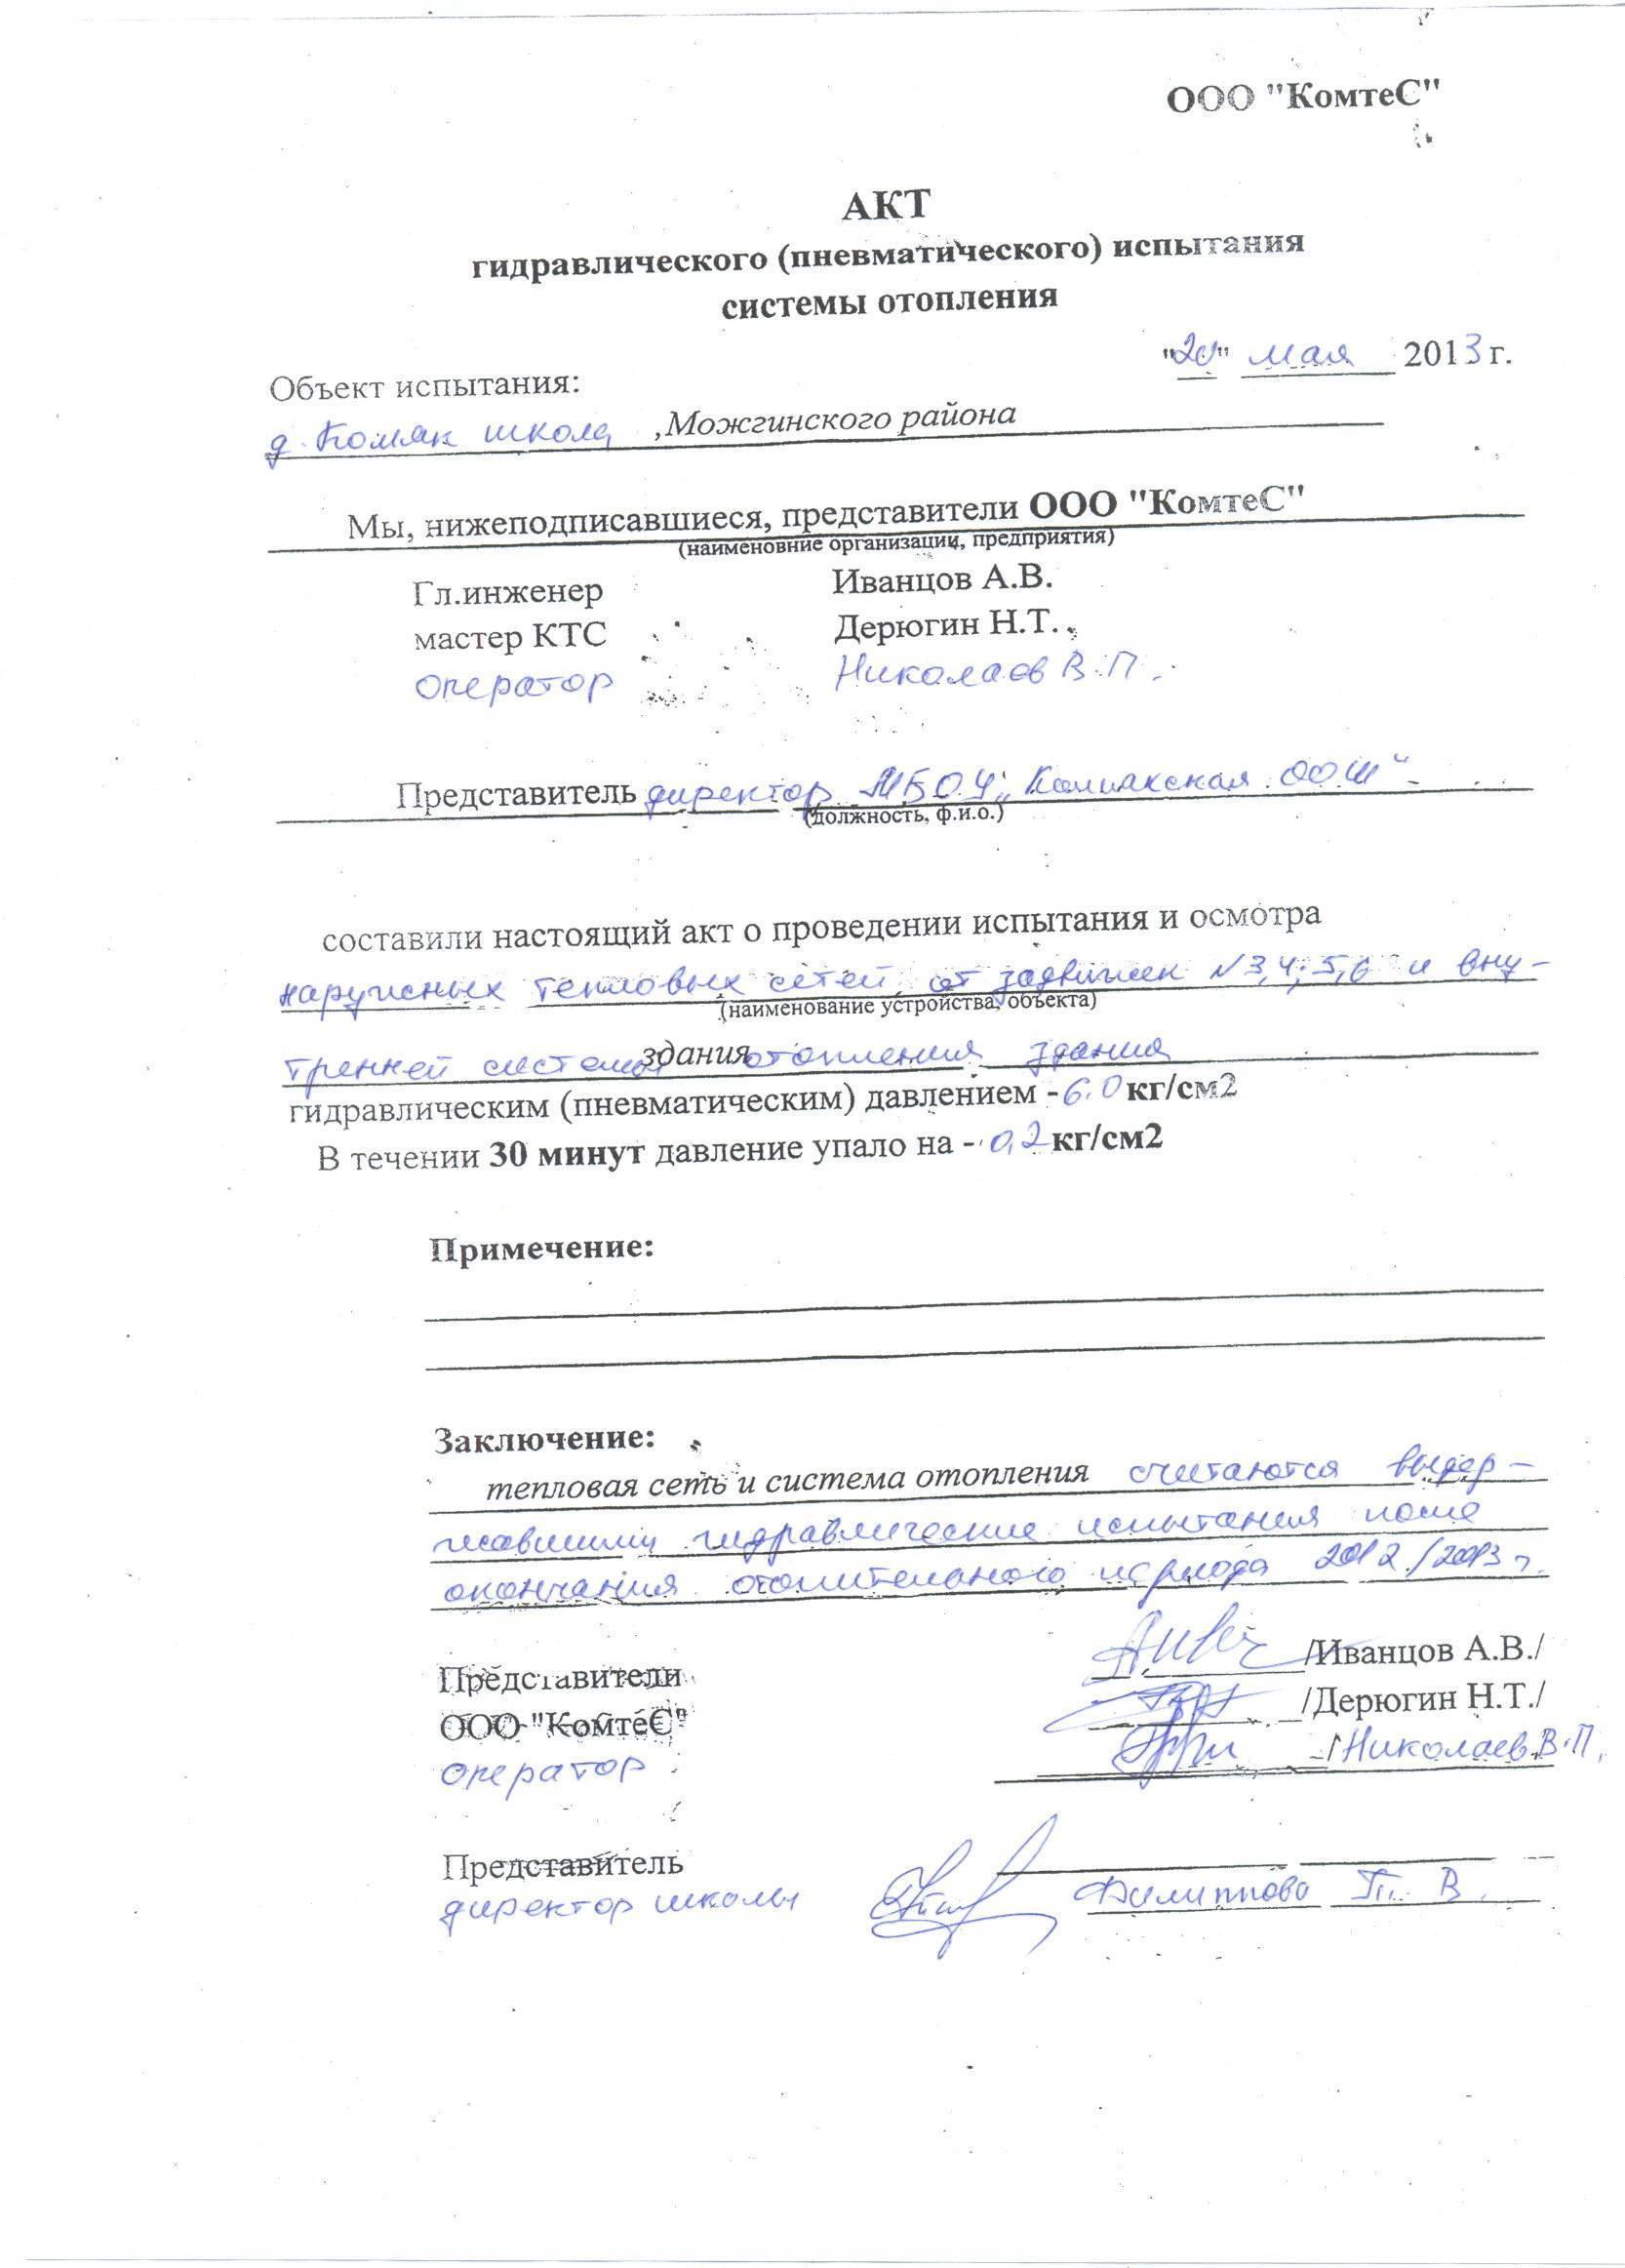 Акт промывки системы отопления: образец, форма акта и договора промывки теплообменника, фото и видео